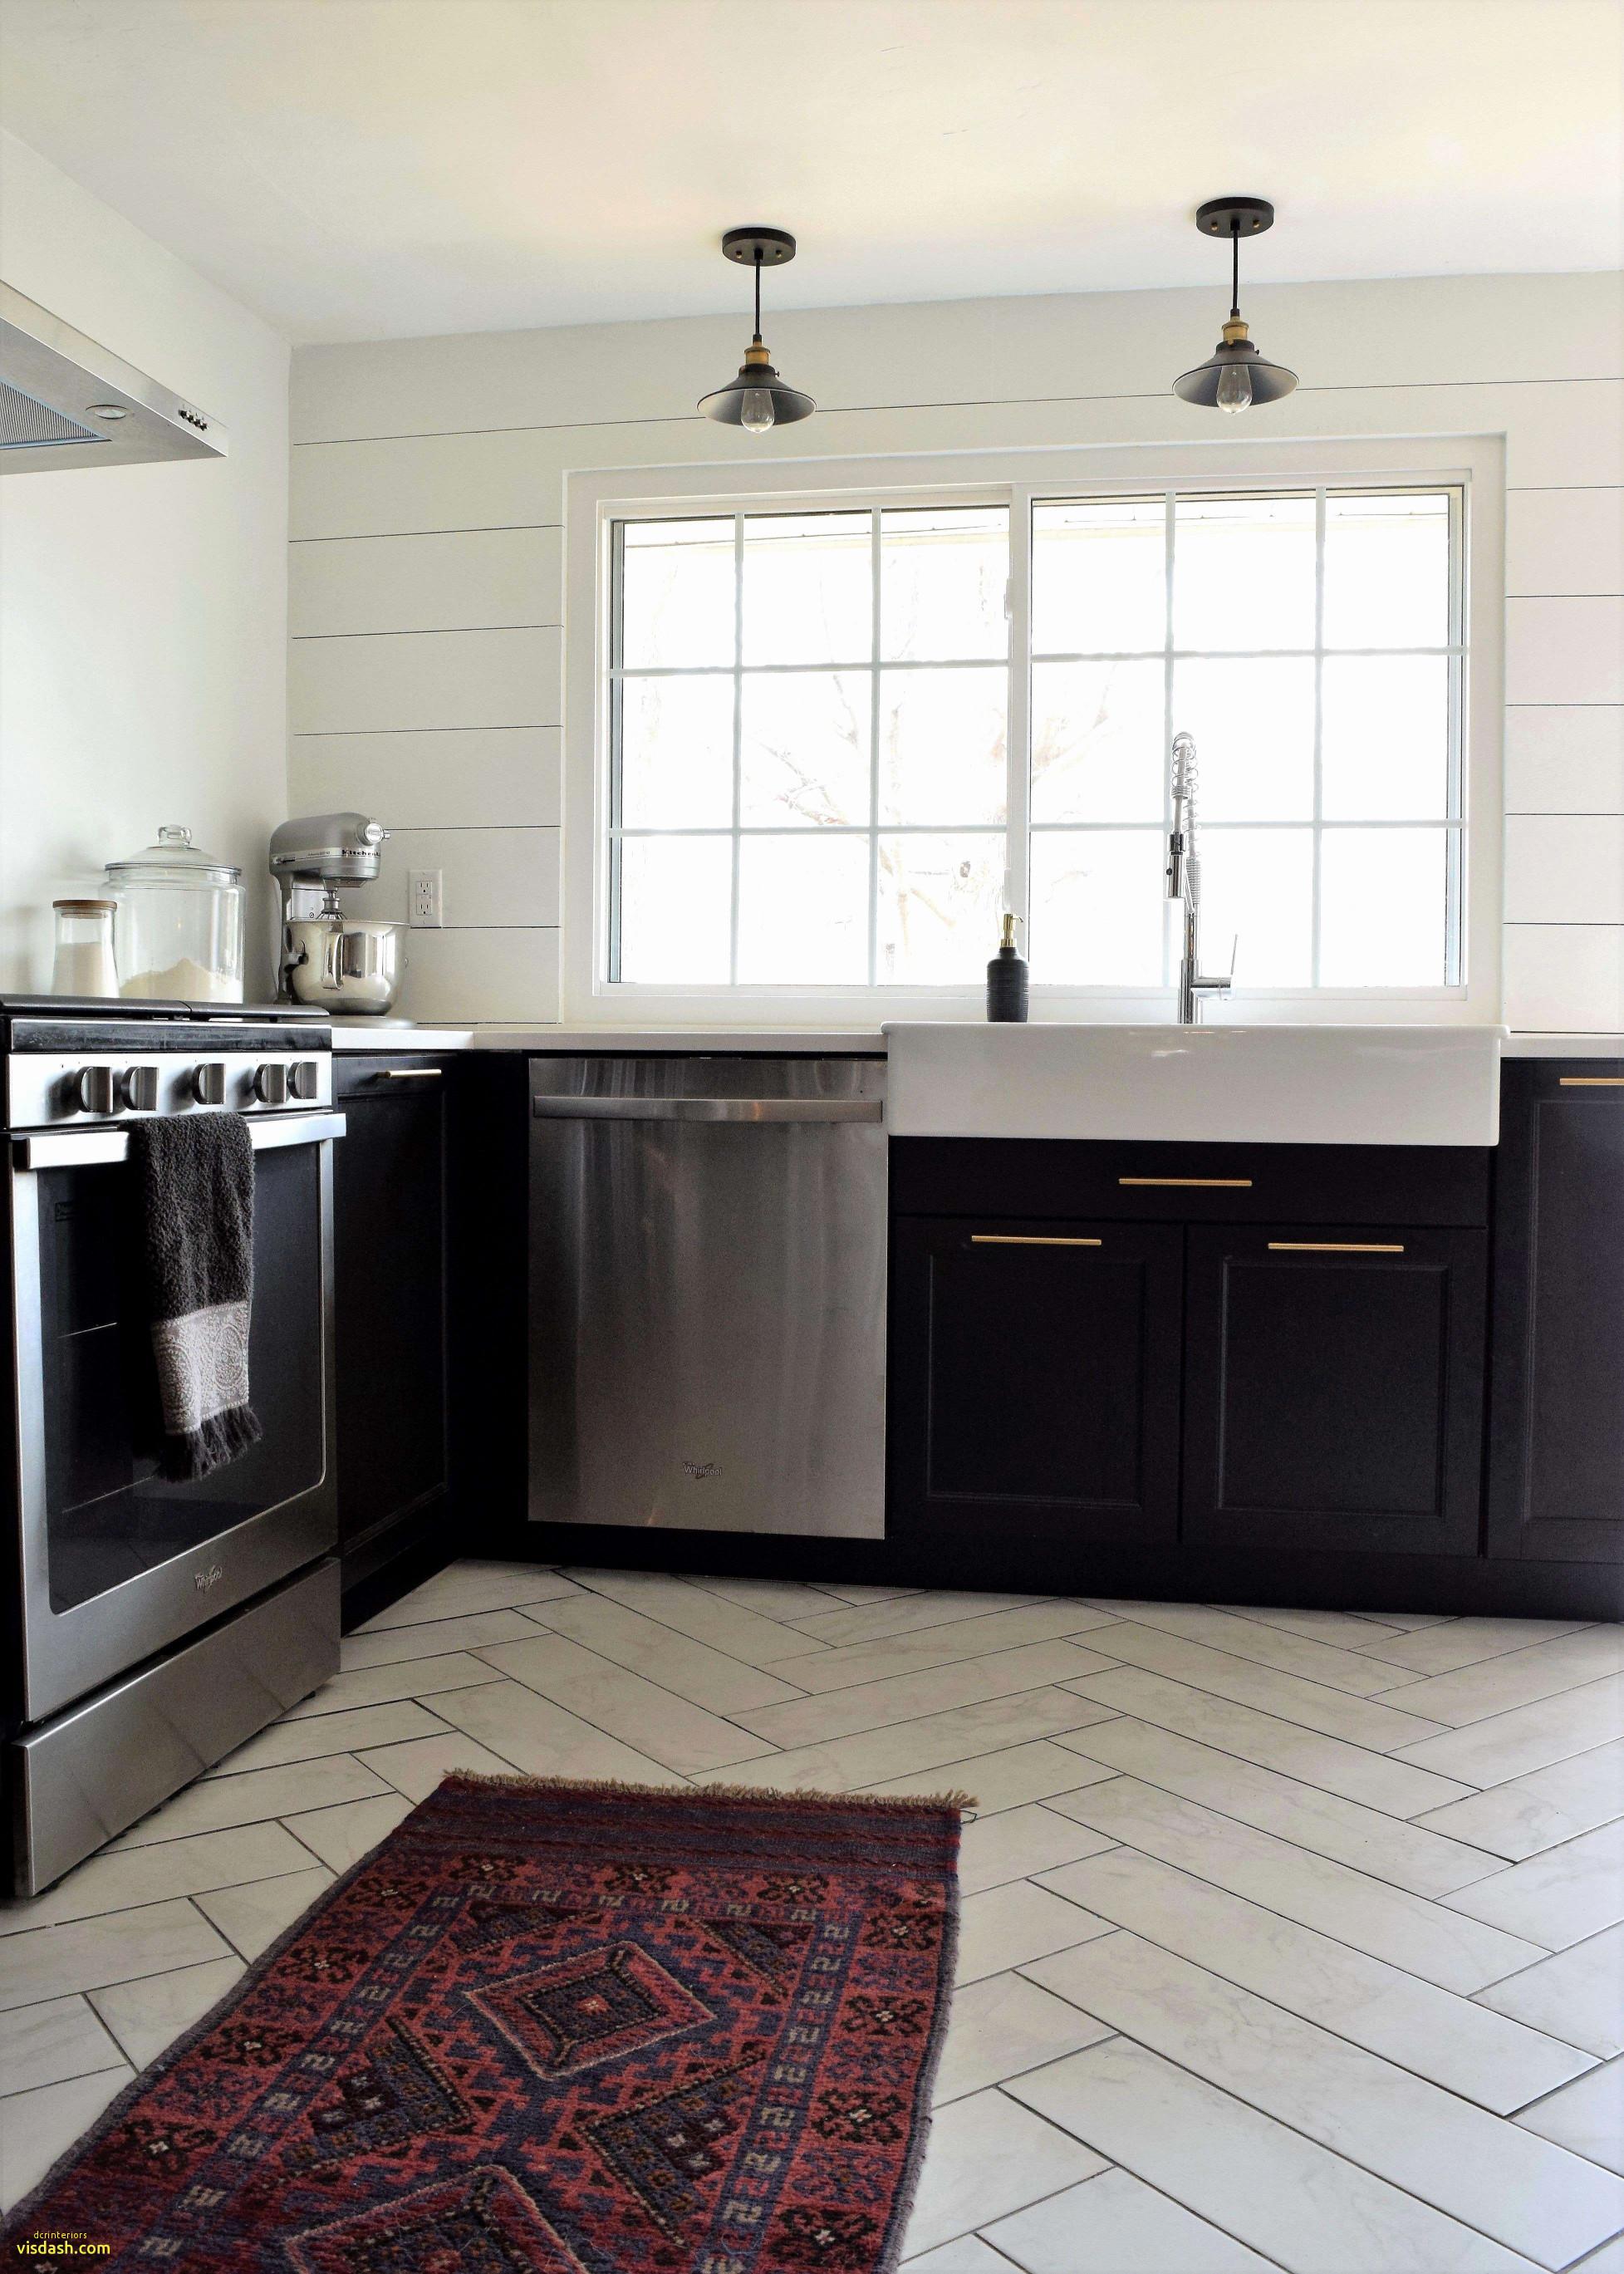 vinyl tile hardwood flooring of 26 wonderful vitrified tiles picture intended for floor tiles for home picture 27 50 patterned vinyl floor tiles lovely extraordinary